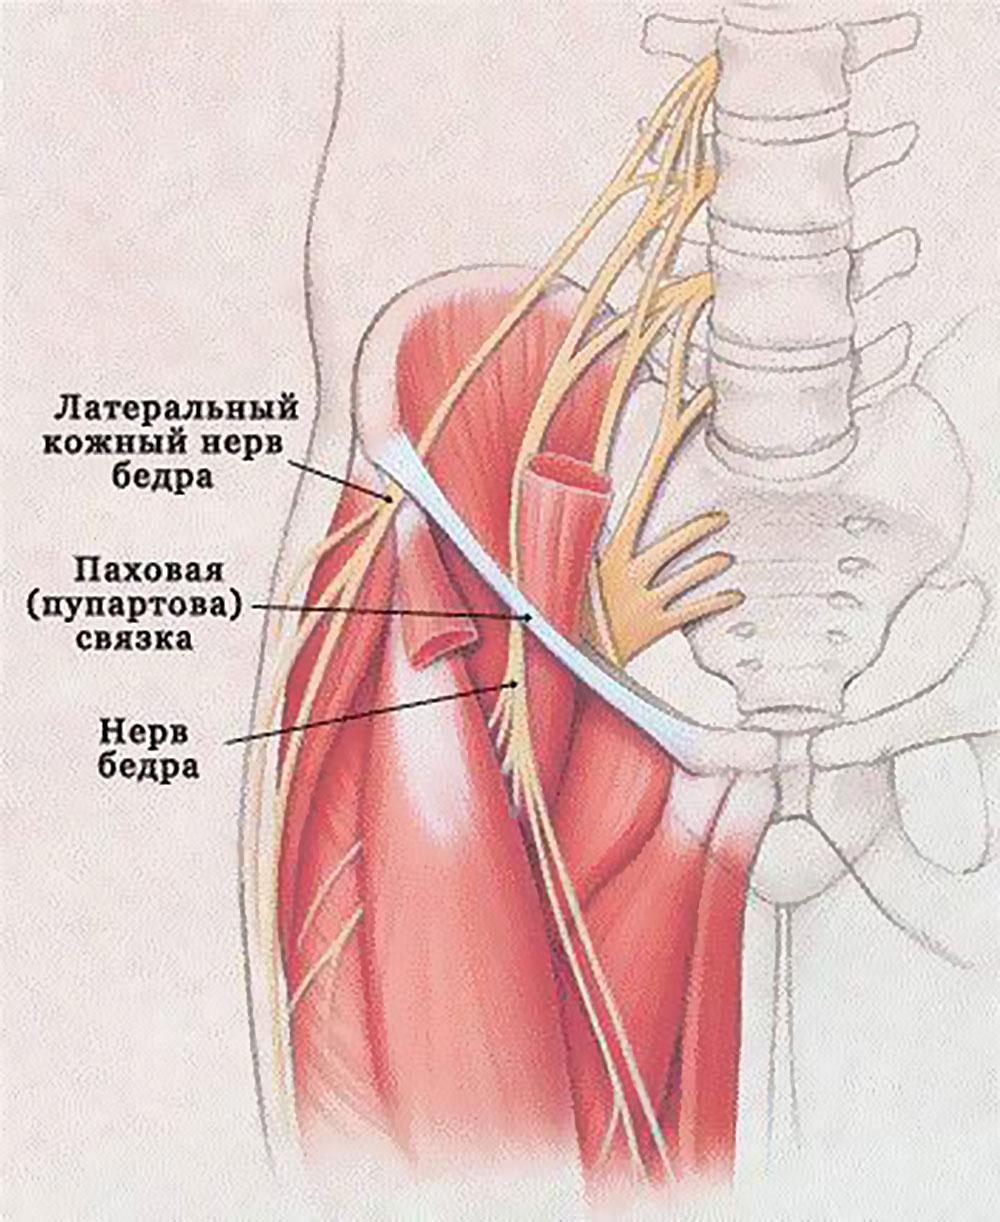 Yürürken kalça ekleminde ağrı: nedenleri ve tedavisi. Kalça yürüyüş sırasında neden ağrıyor